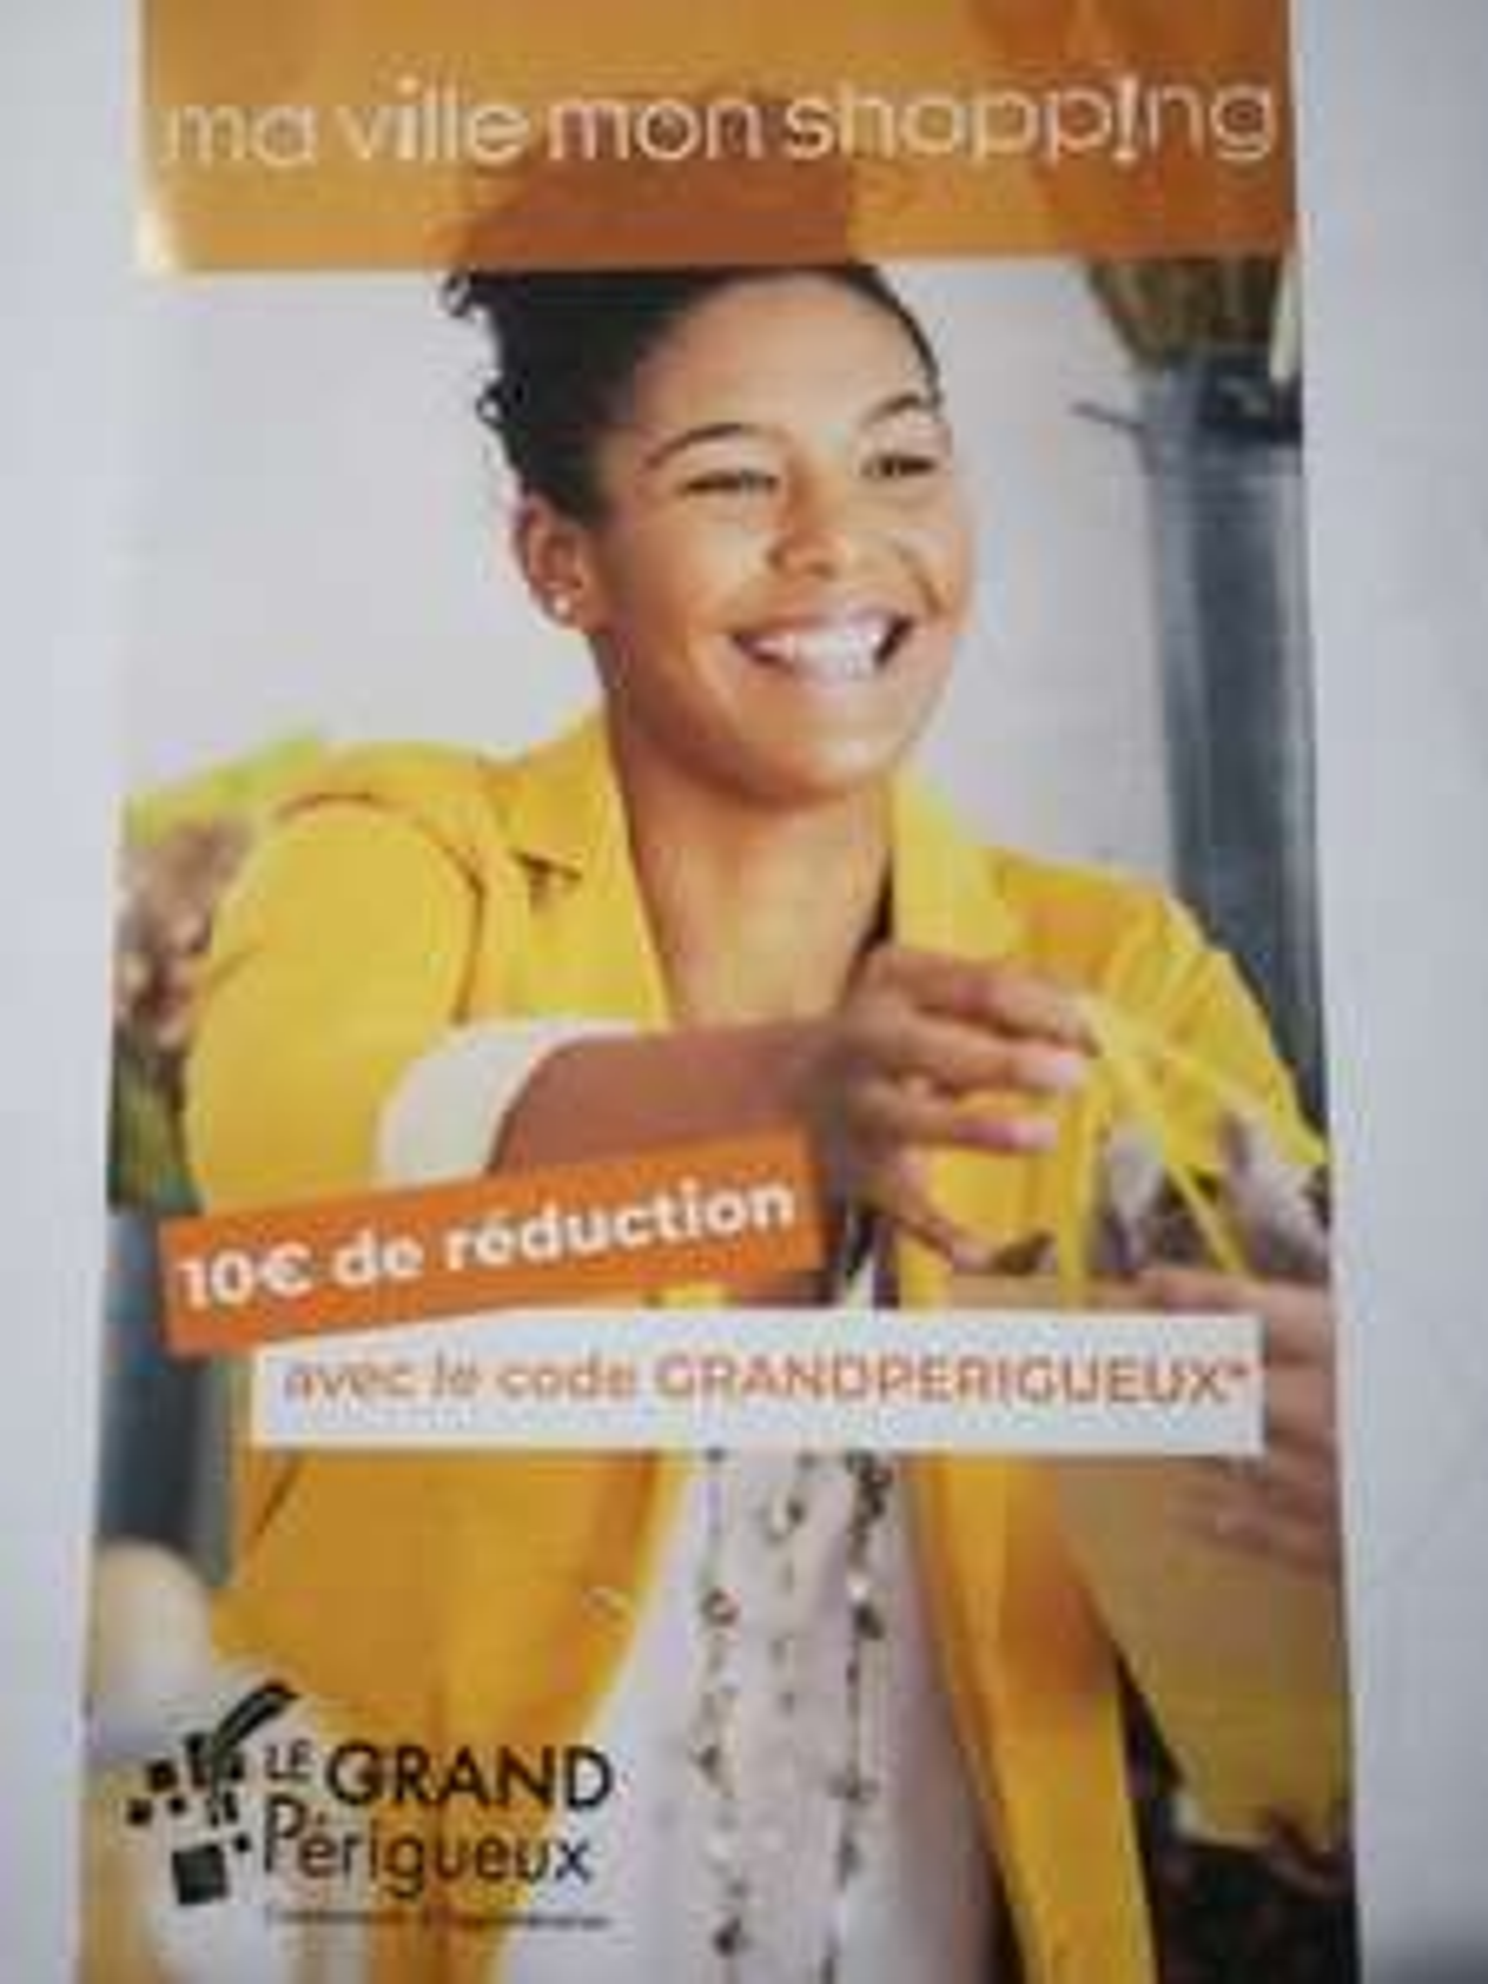 10€ de réduction sur votre commande - mavillemonshopping.fr